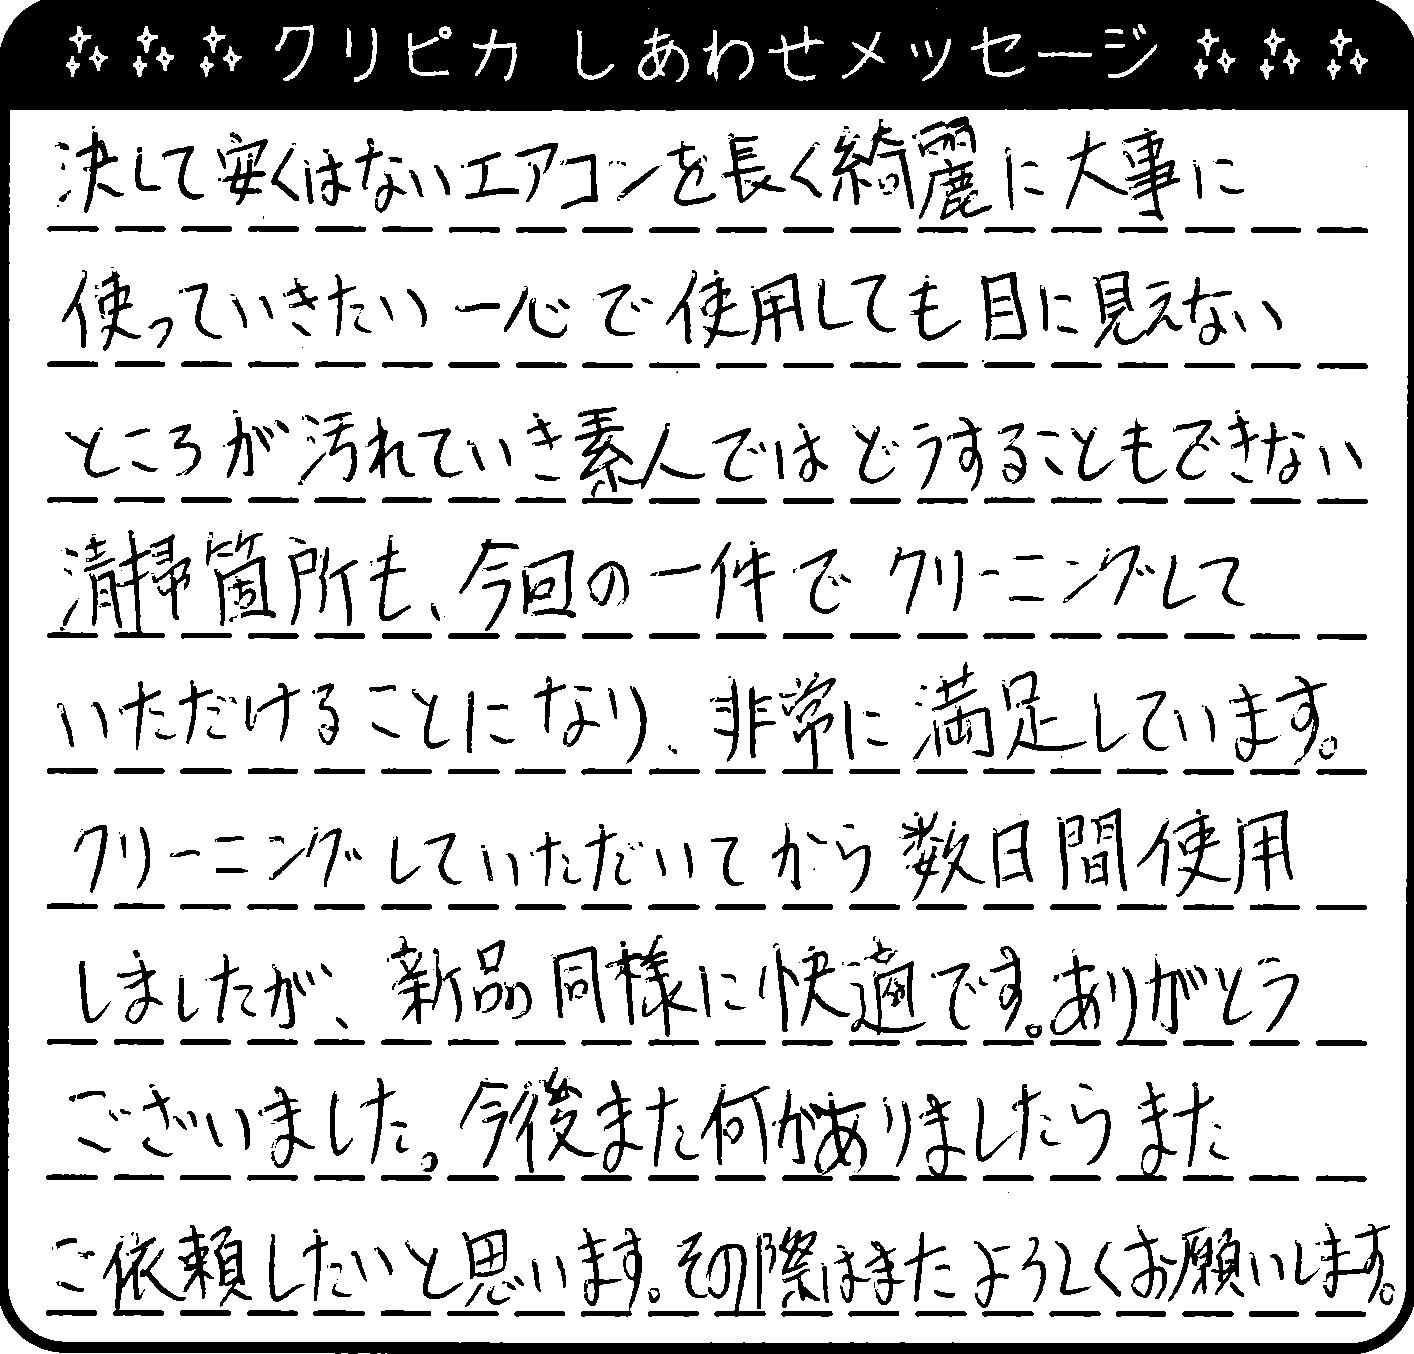 千葉県 S様からのしあわせメッセージ